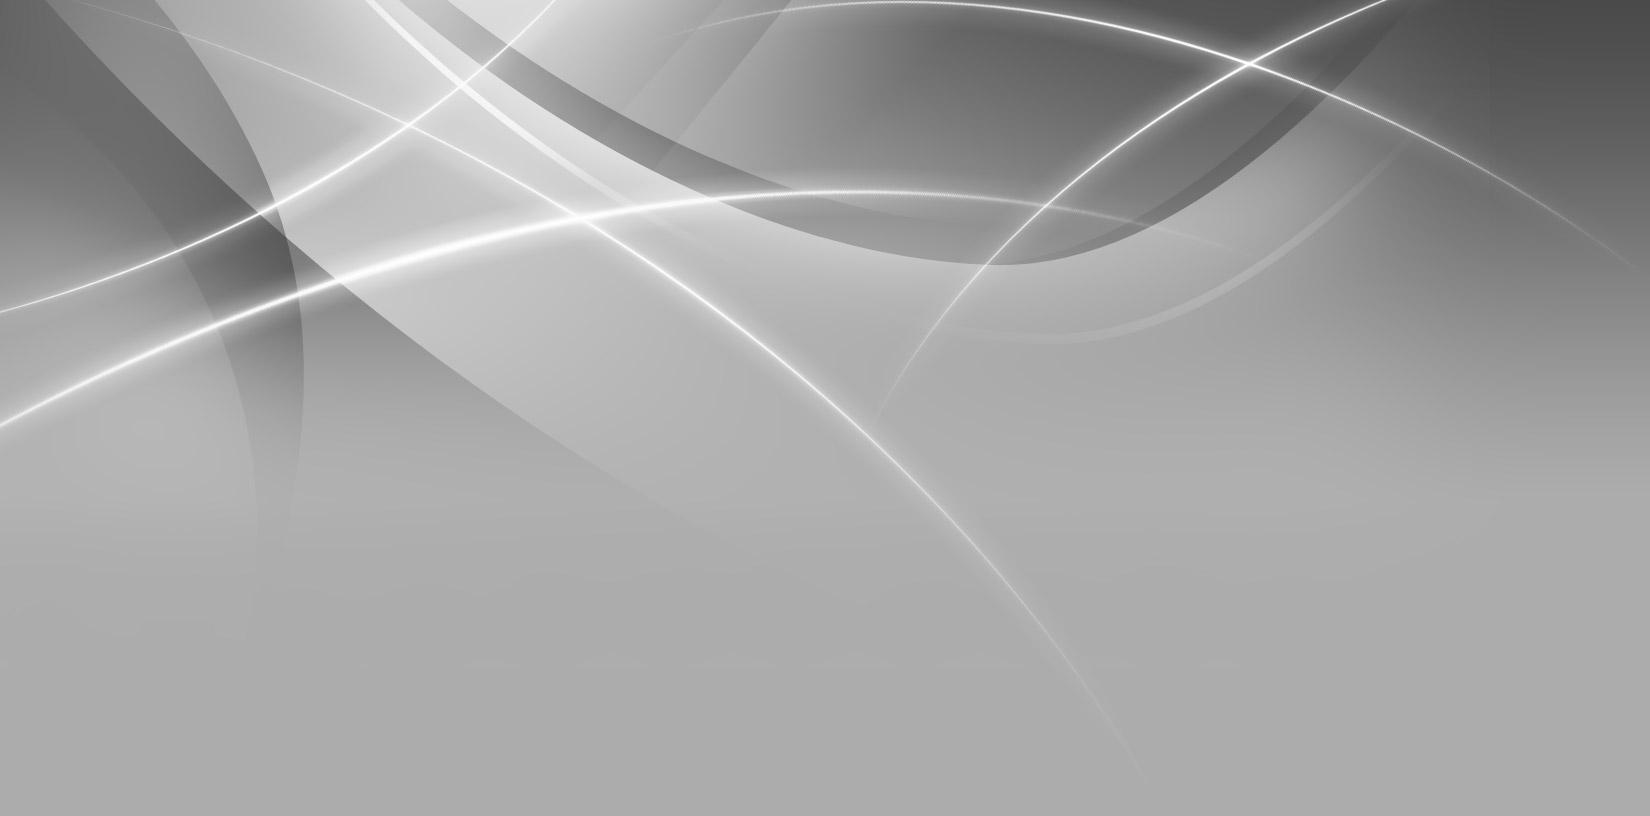 Black and grey desktop wallpaper wallpapersafari - Gray background images ...